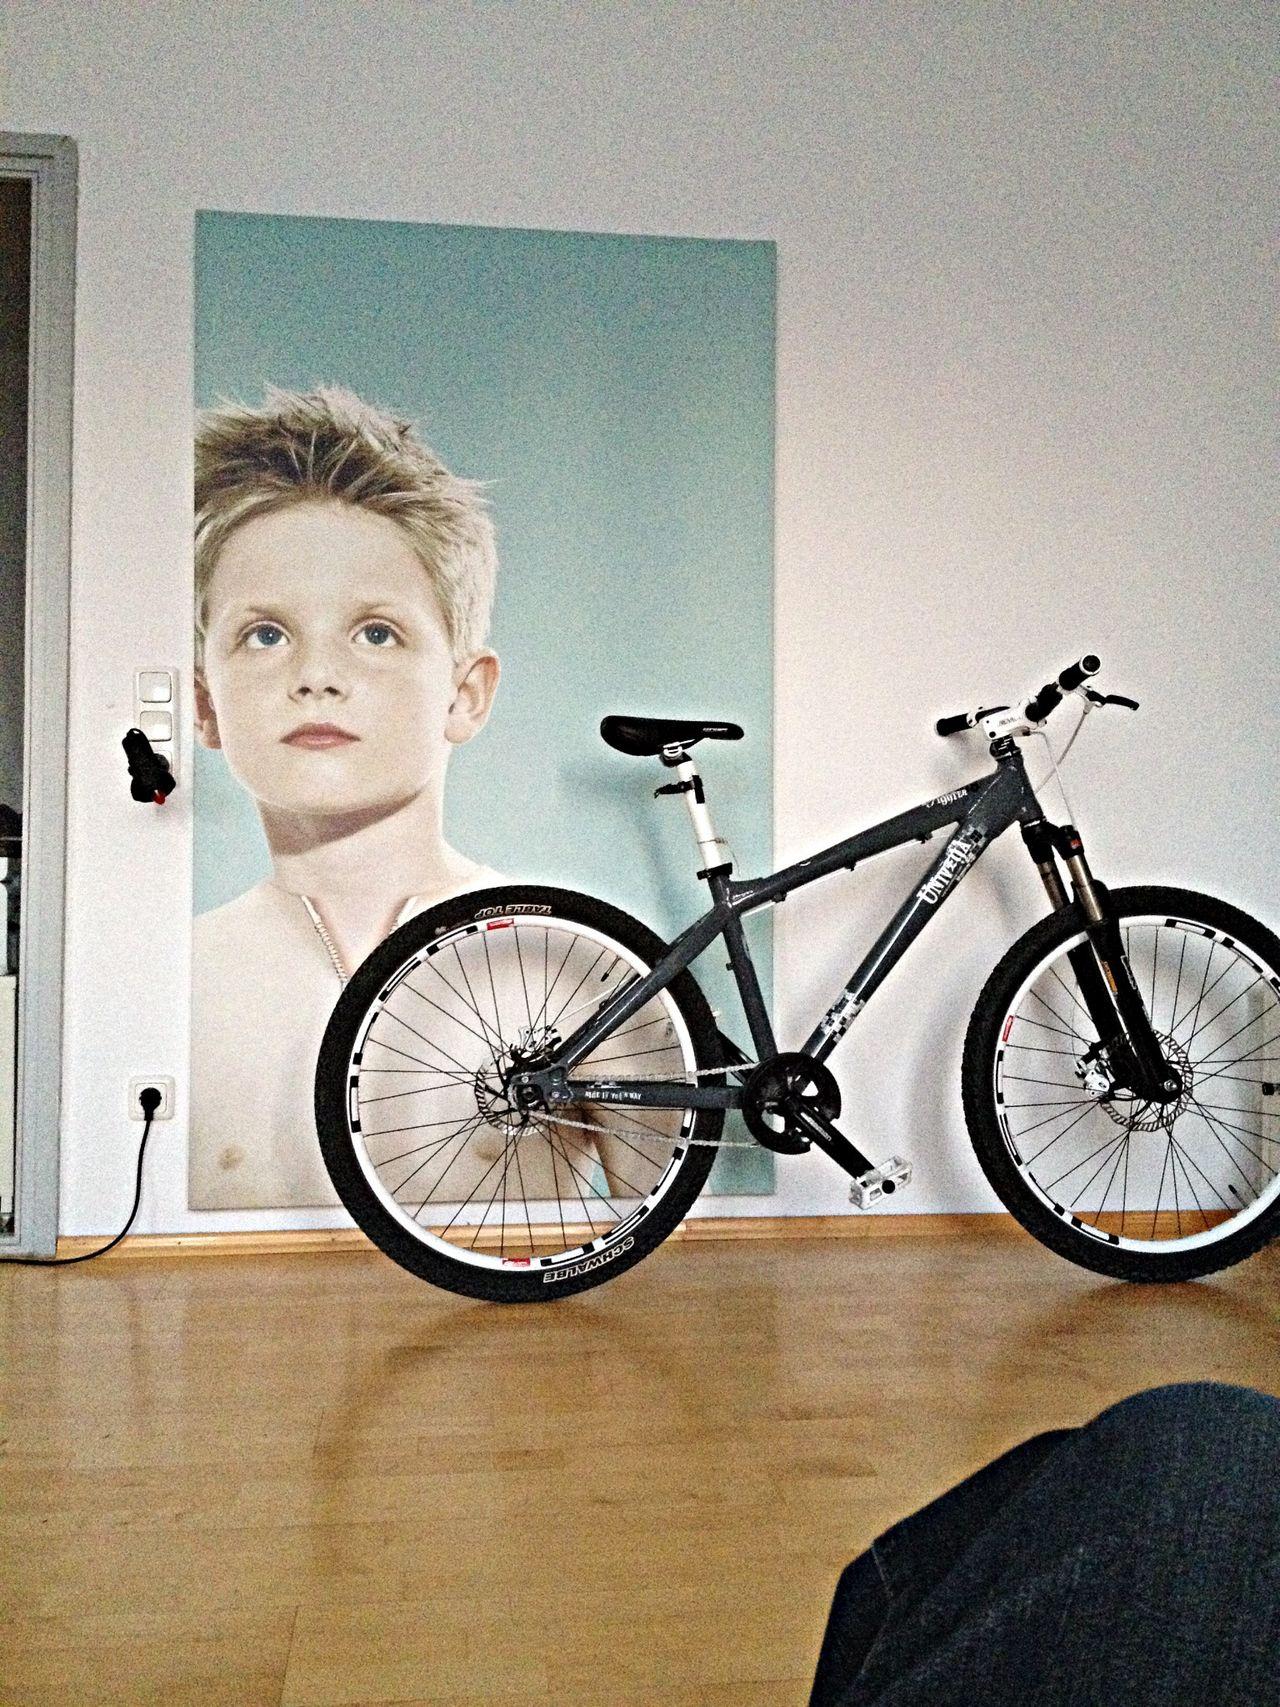 son & bike